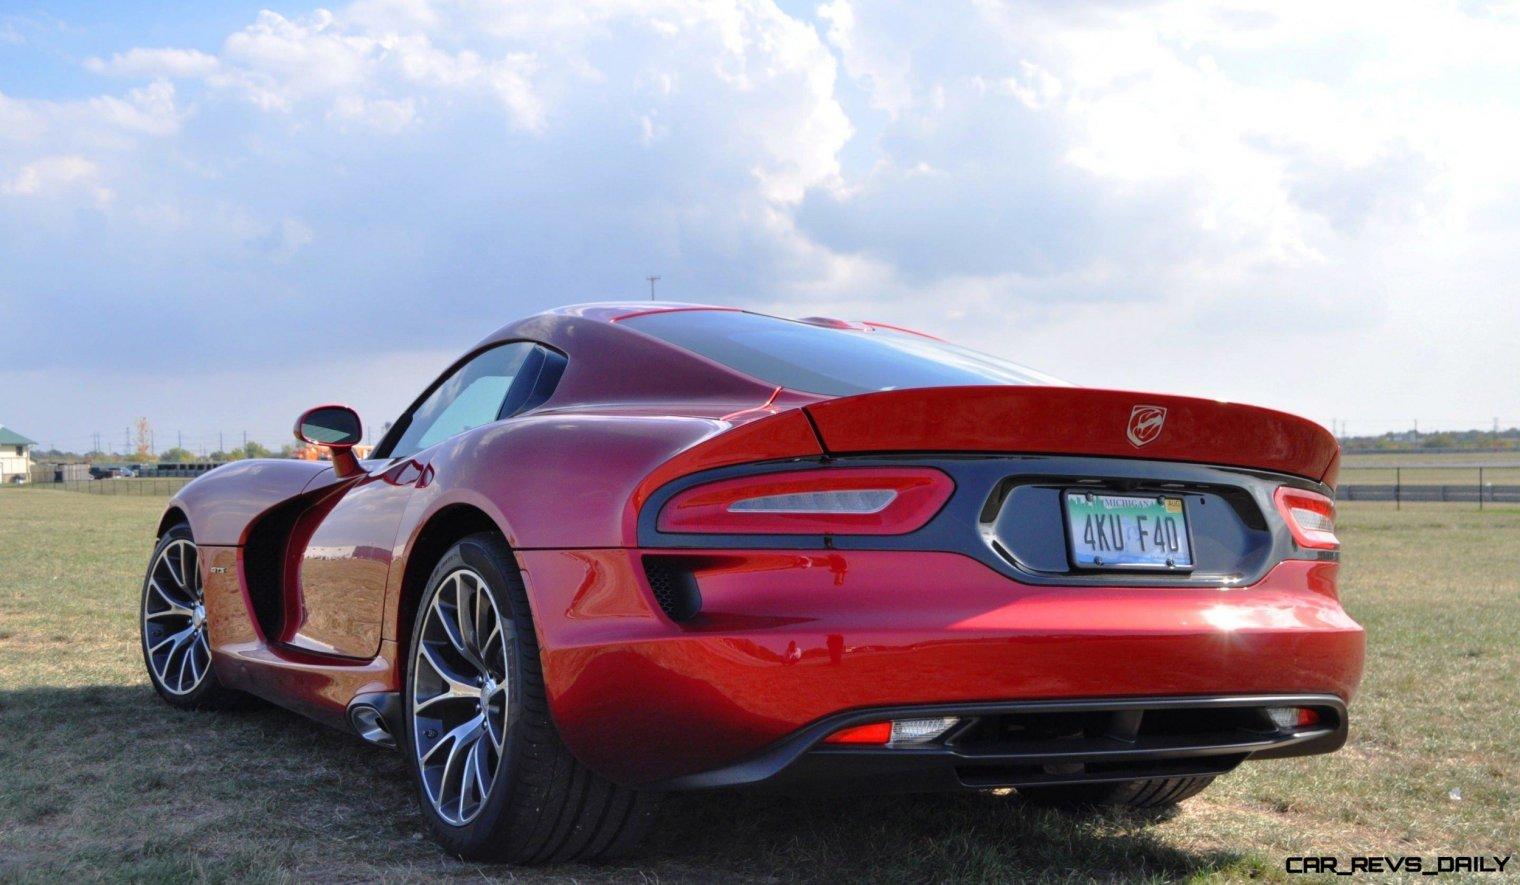 CarRevsDaily.com - 2014 SRT Viper GTS - Huge Wallpapers18